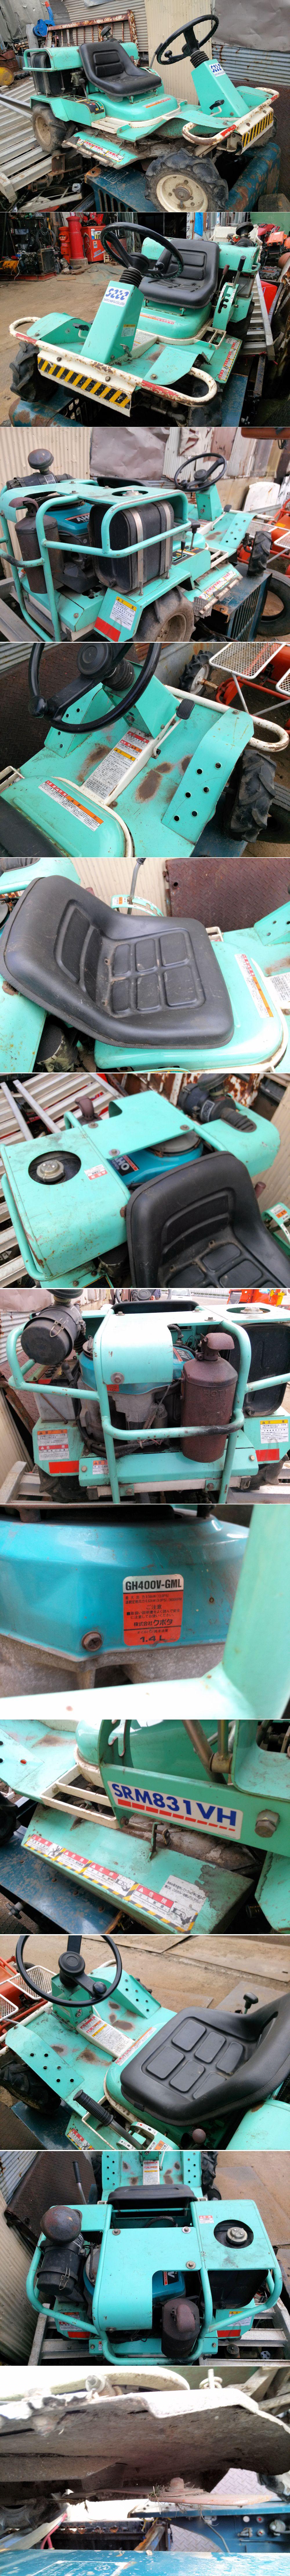 サンケー(佐藤製作所) 乗用草刈機 モア SRM831VH 13馬力 クボタエンジン 実働品 中古